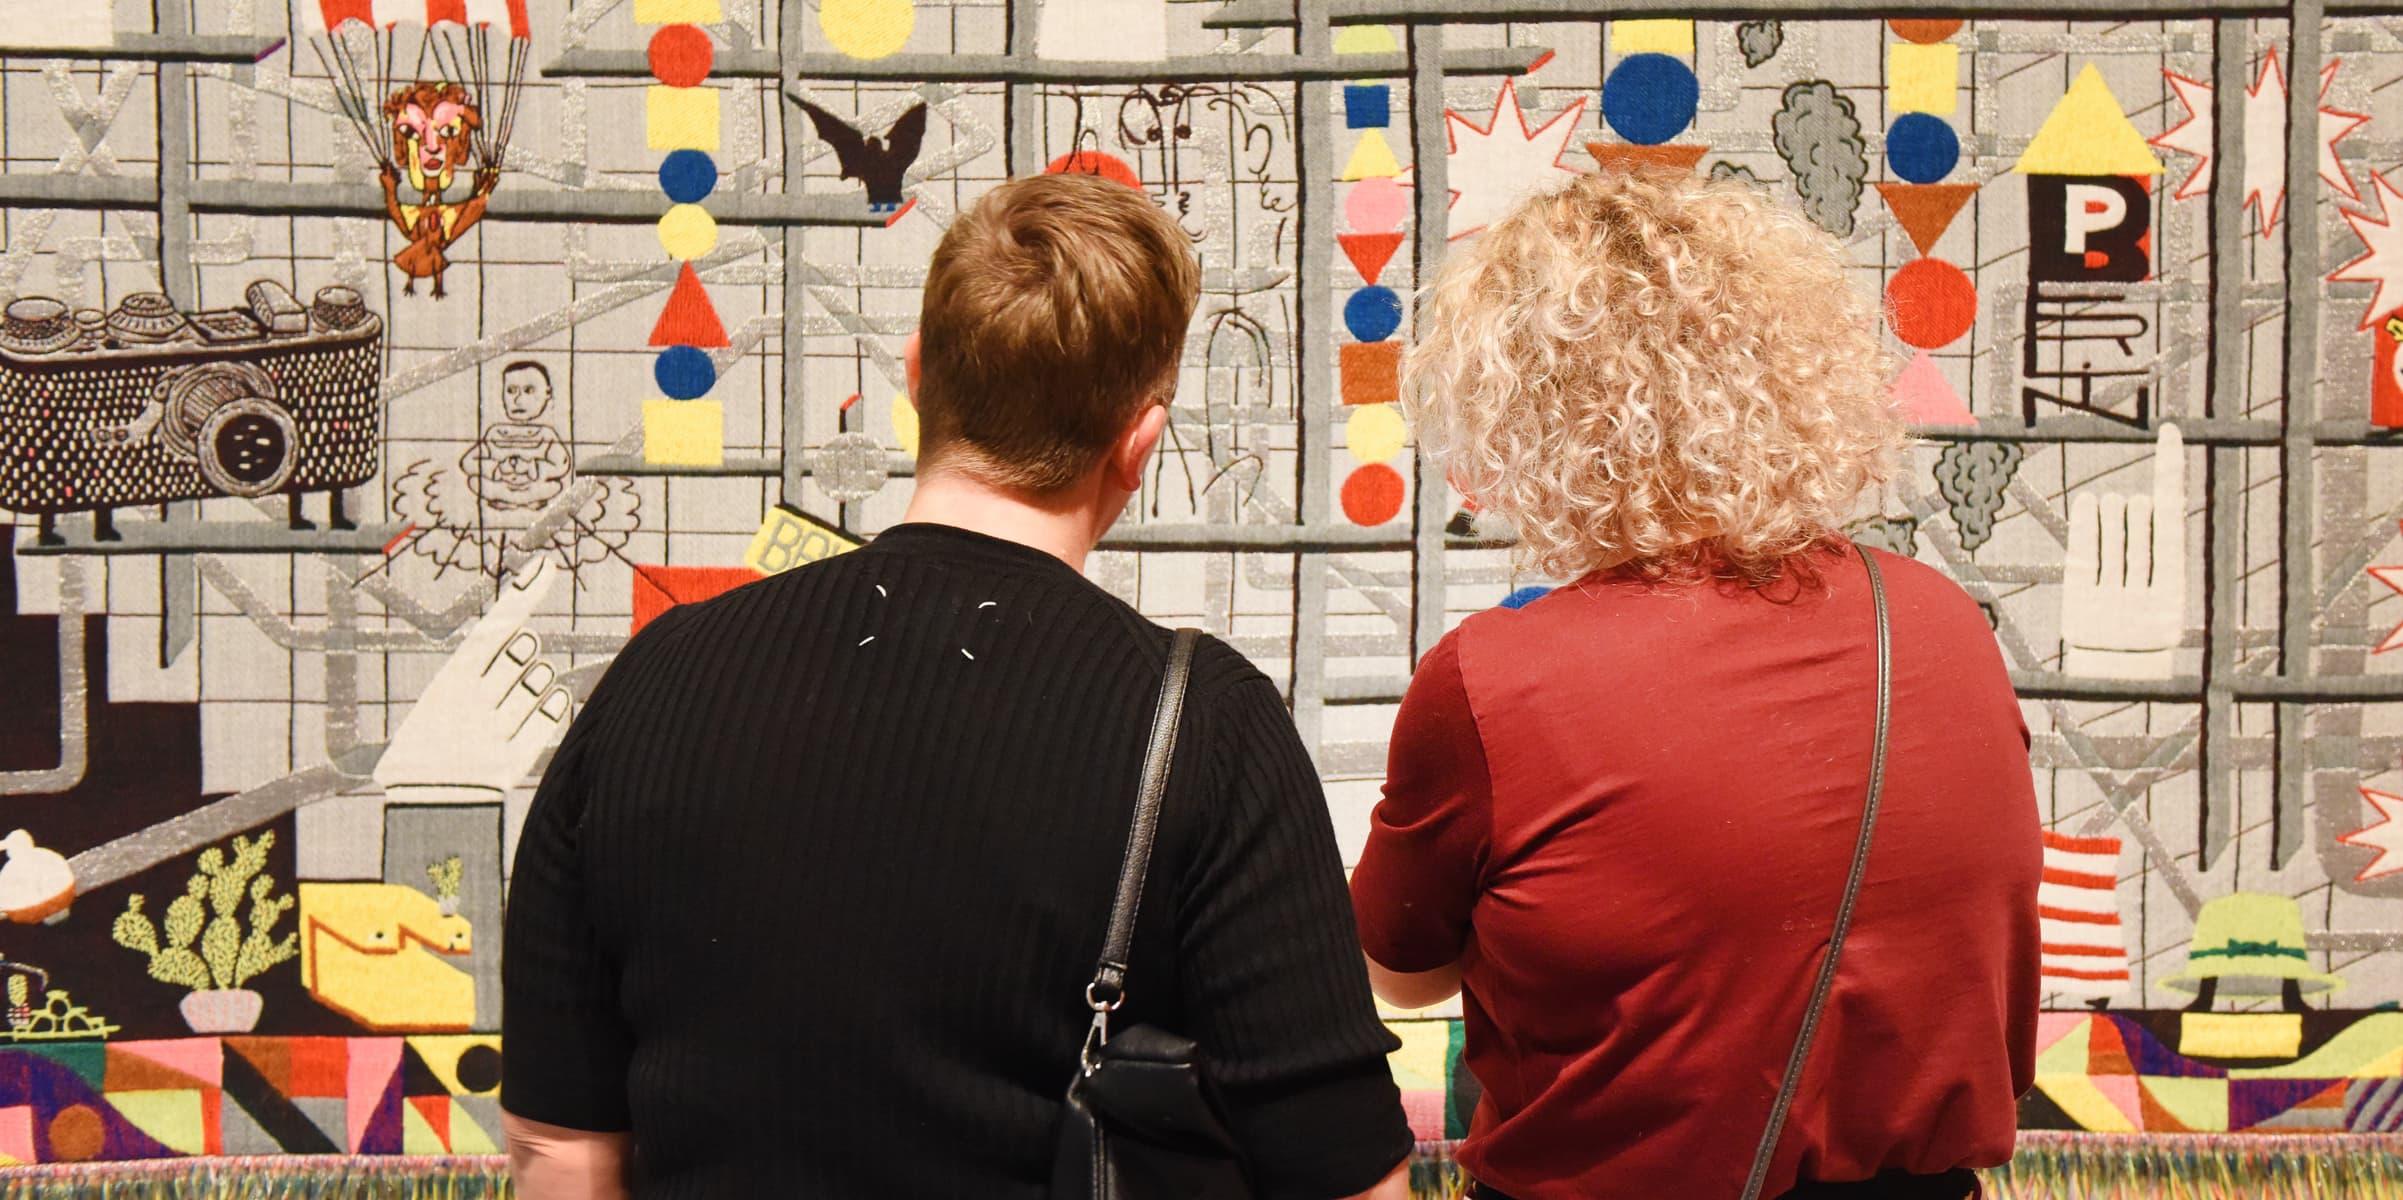 twee bezoekers bekijken kunst